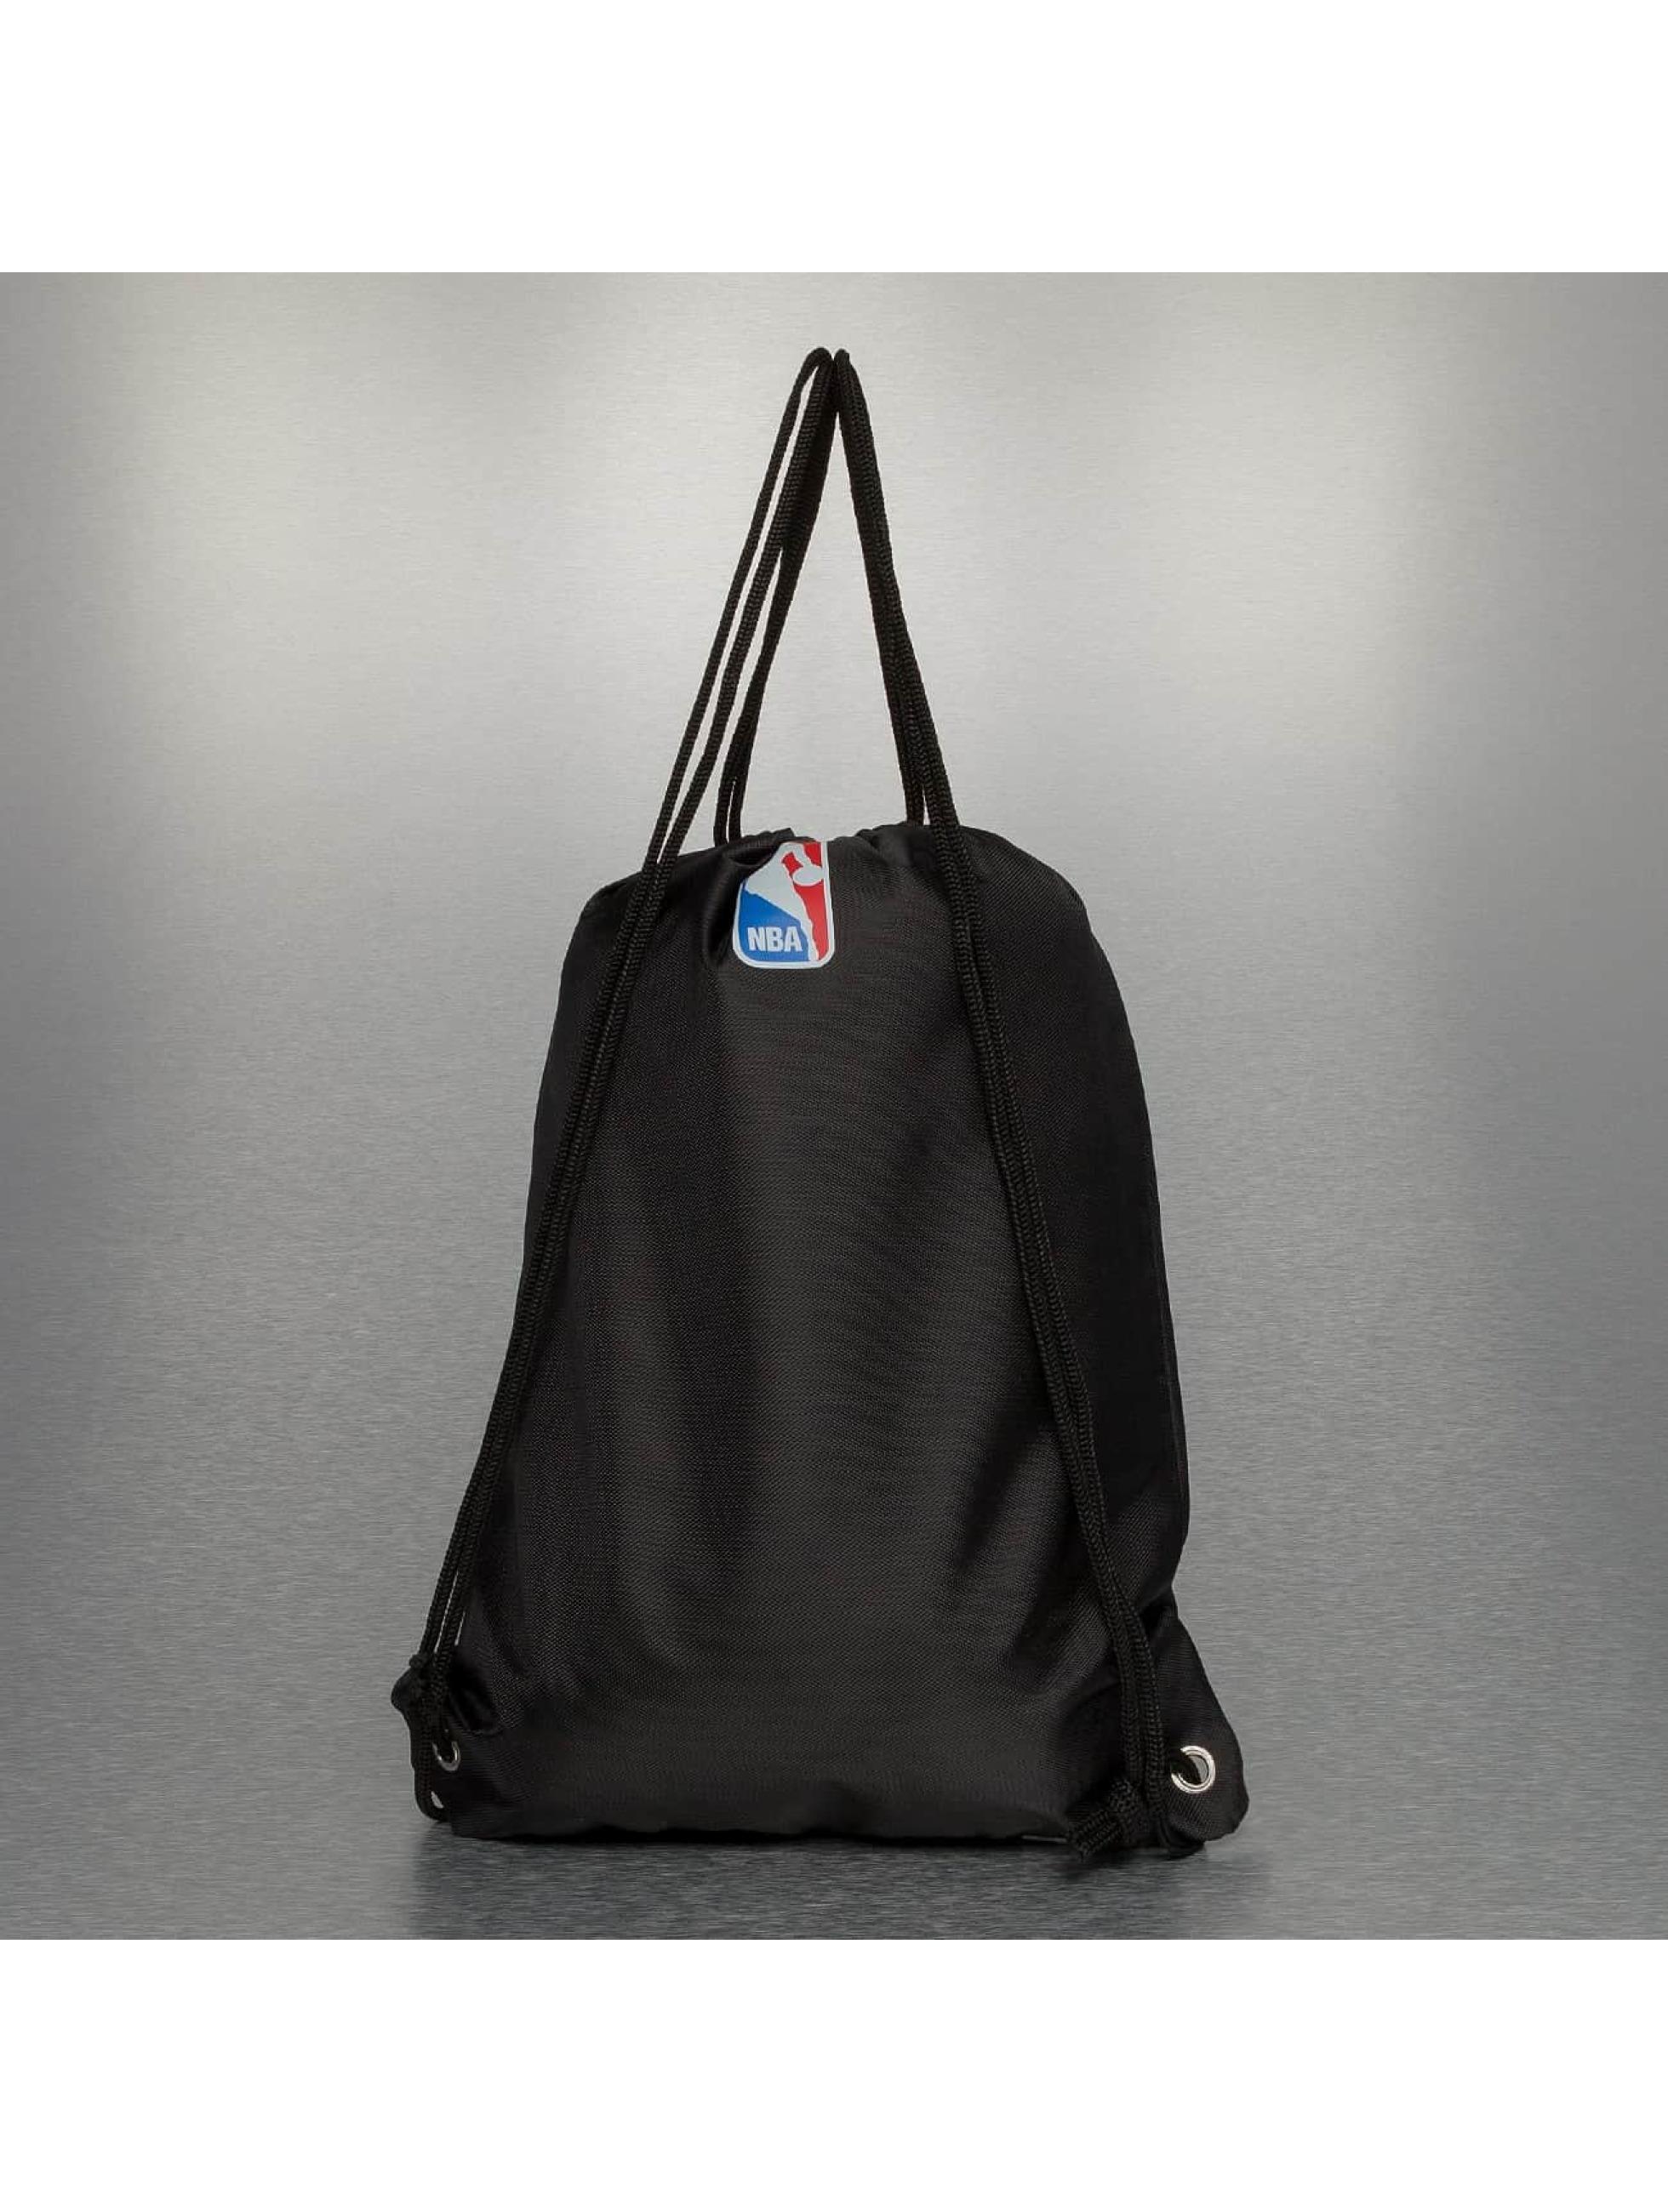 Forever Collectibles Sacchetto Collectibles NBA Cropped Logo San Antonio Spurs nero